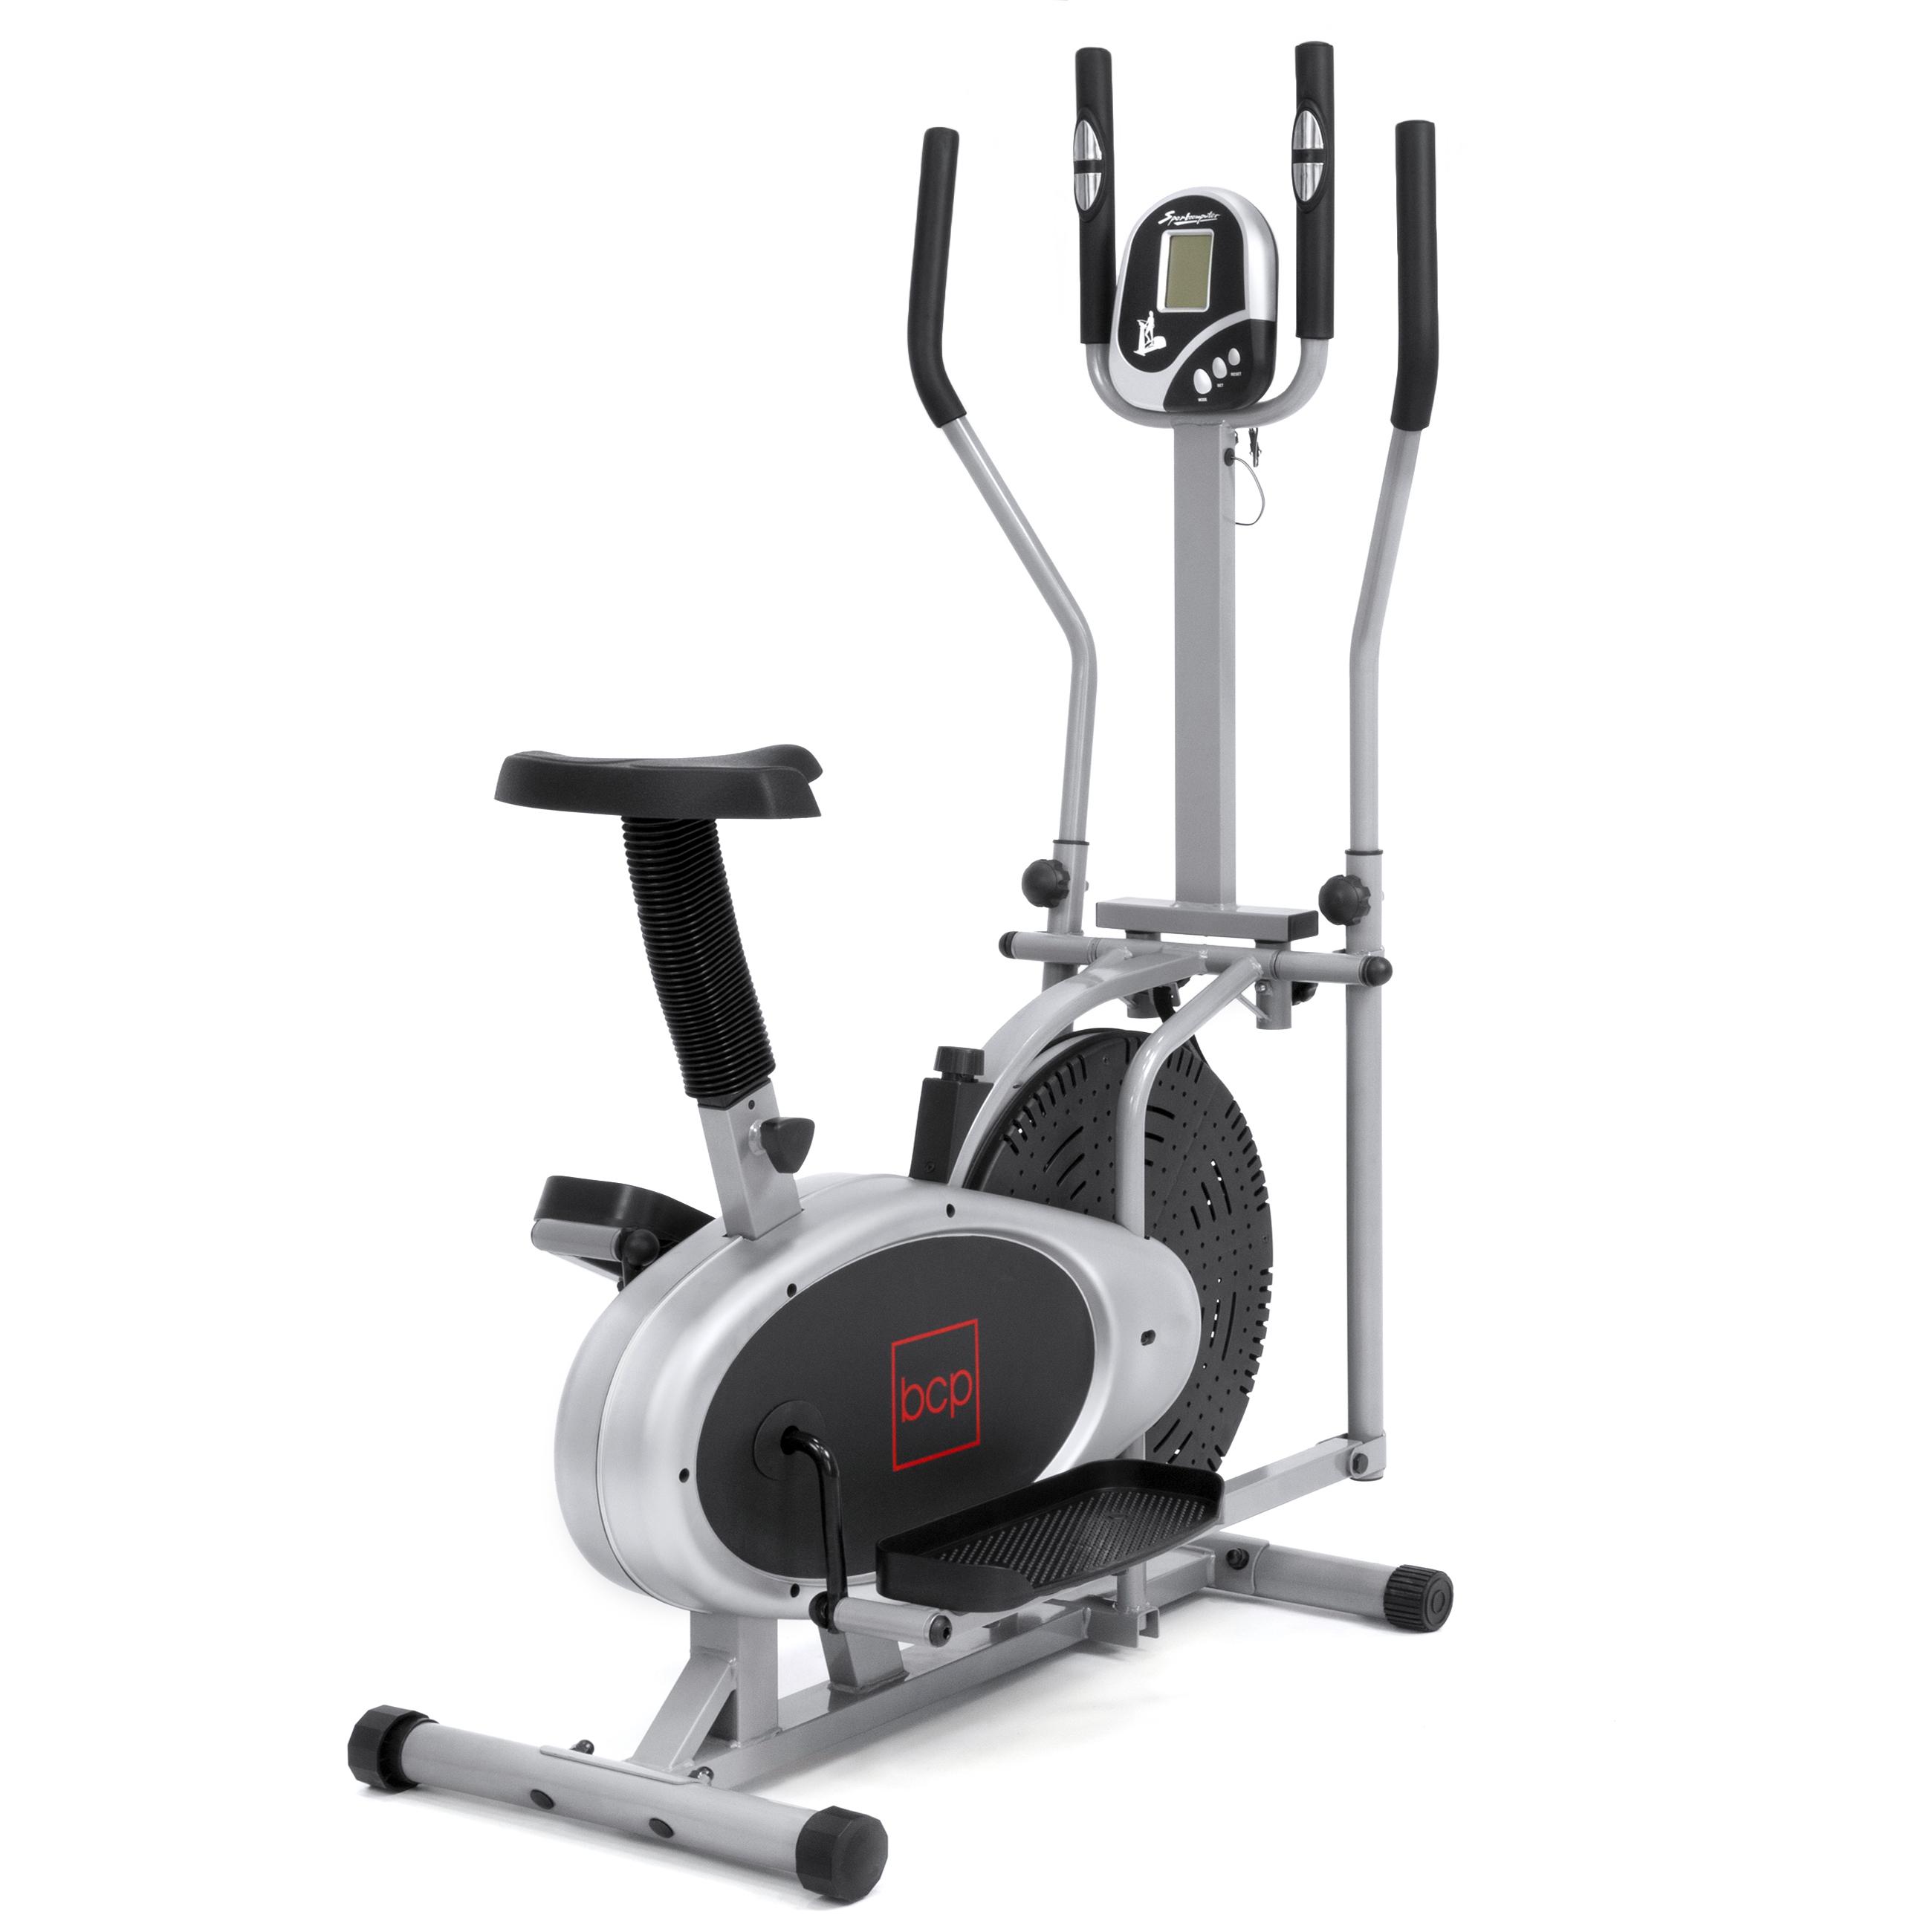 Elliptical Bike 2 IN 1 Cross Trainer Exercise Fitness